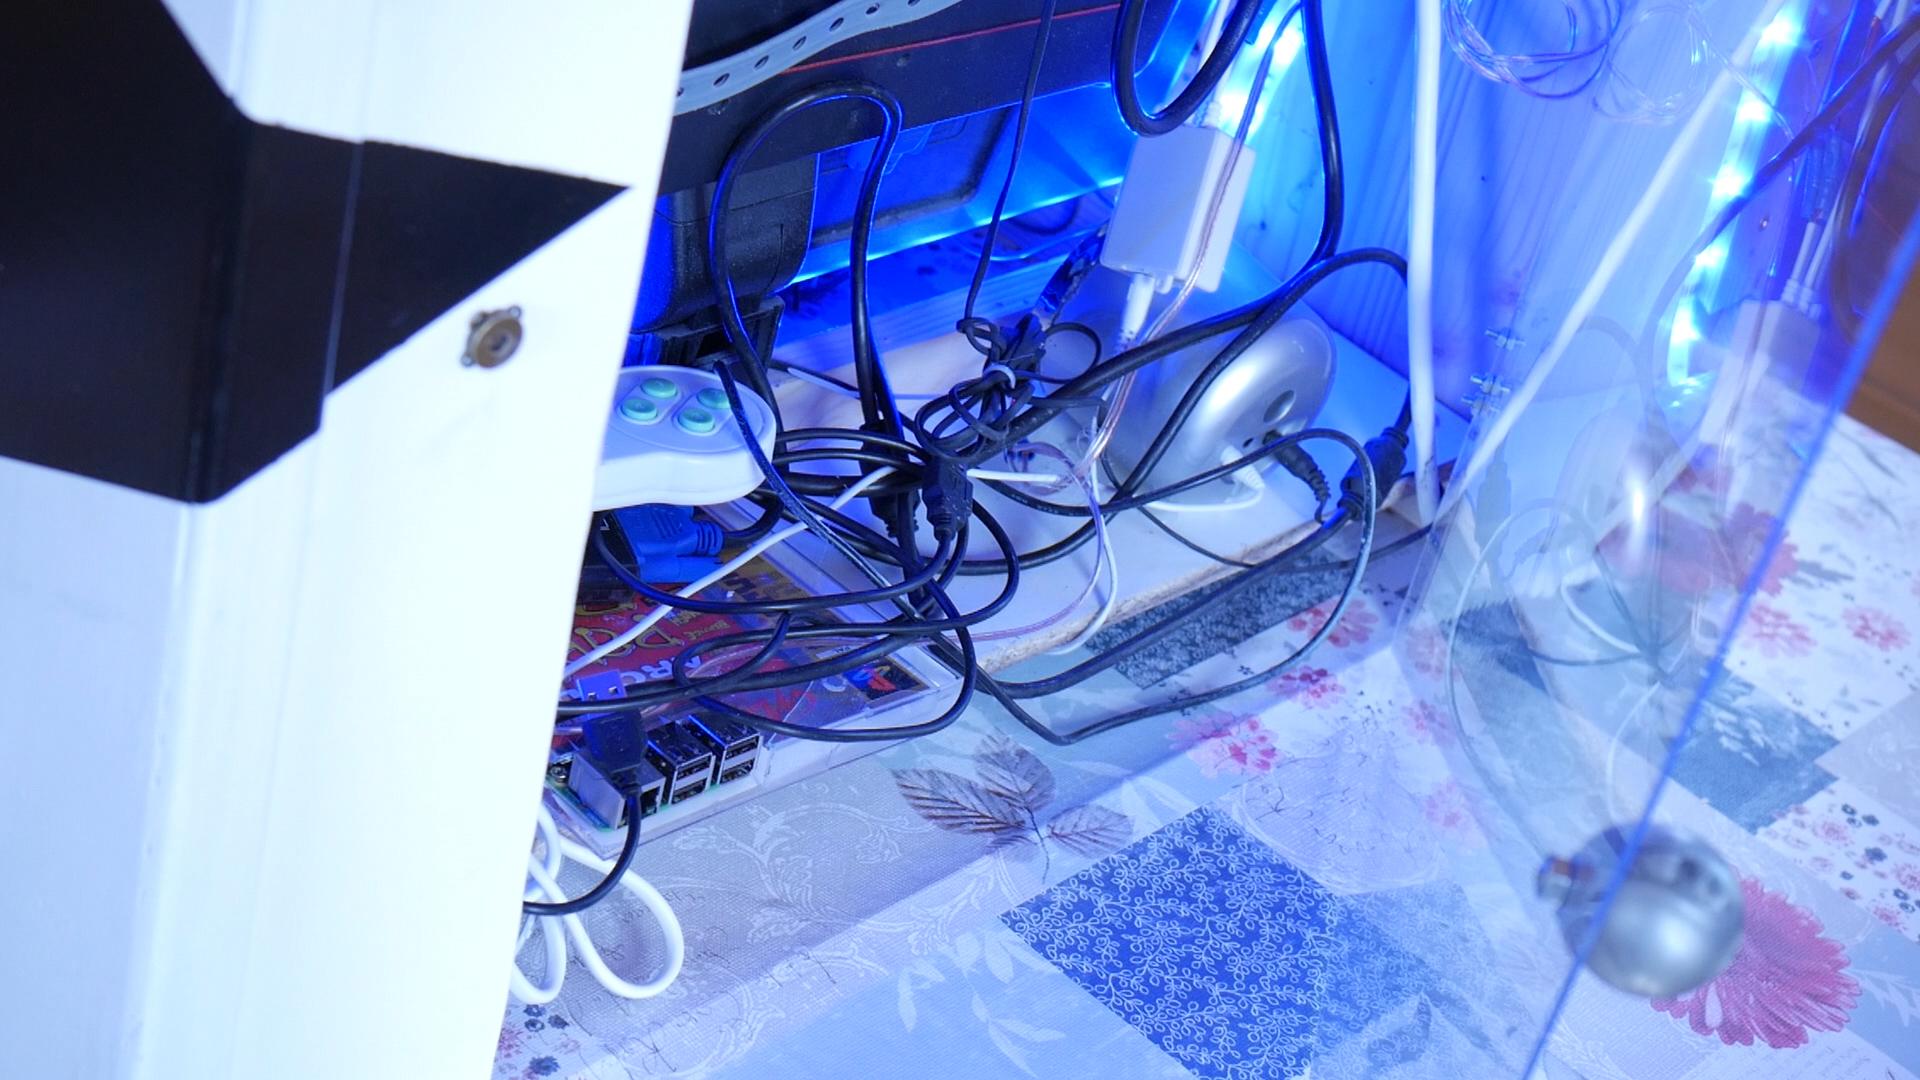 Arcade Automat Verkabelung